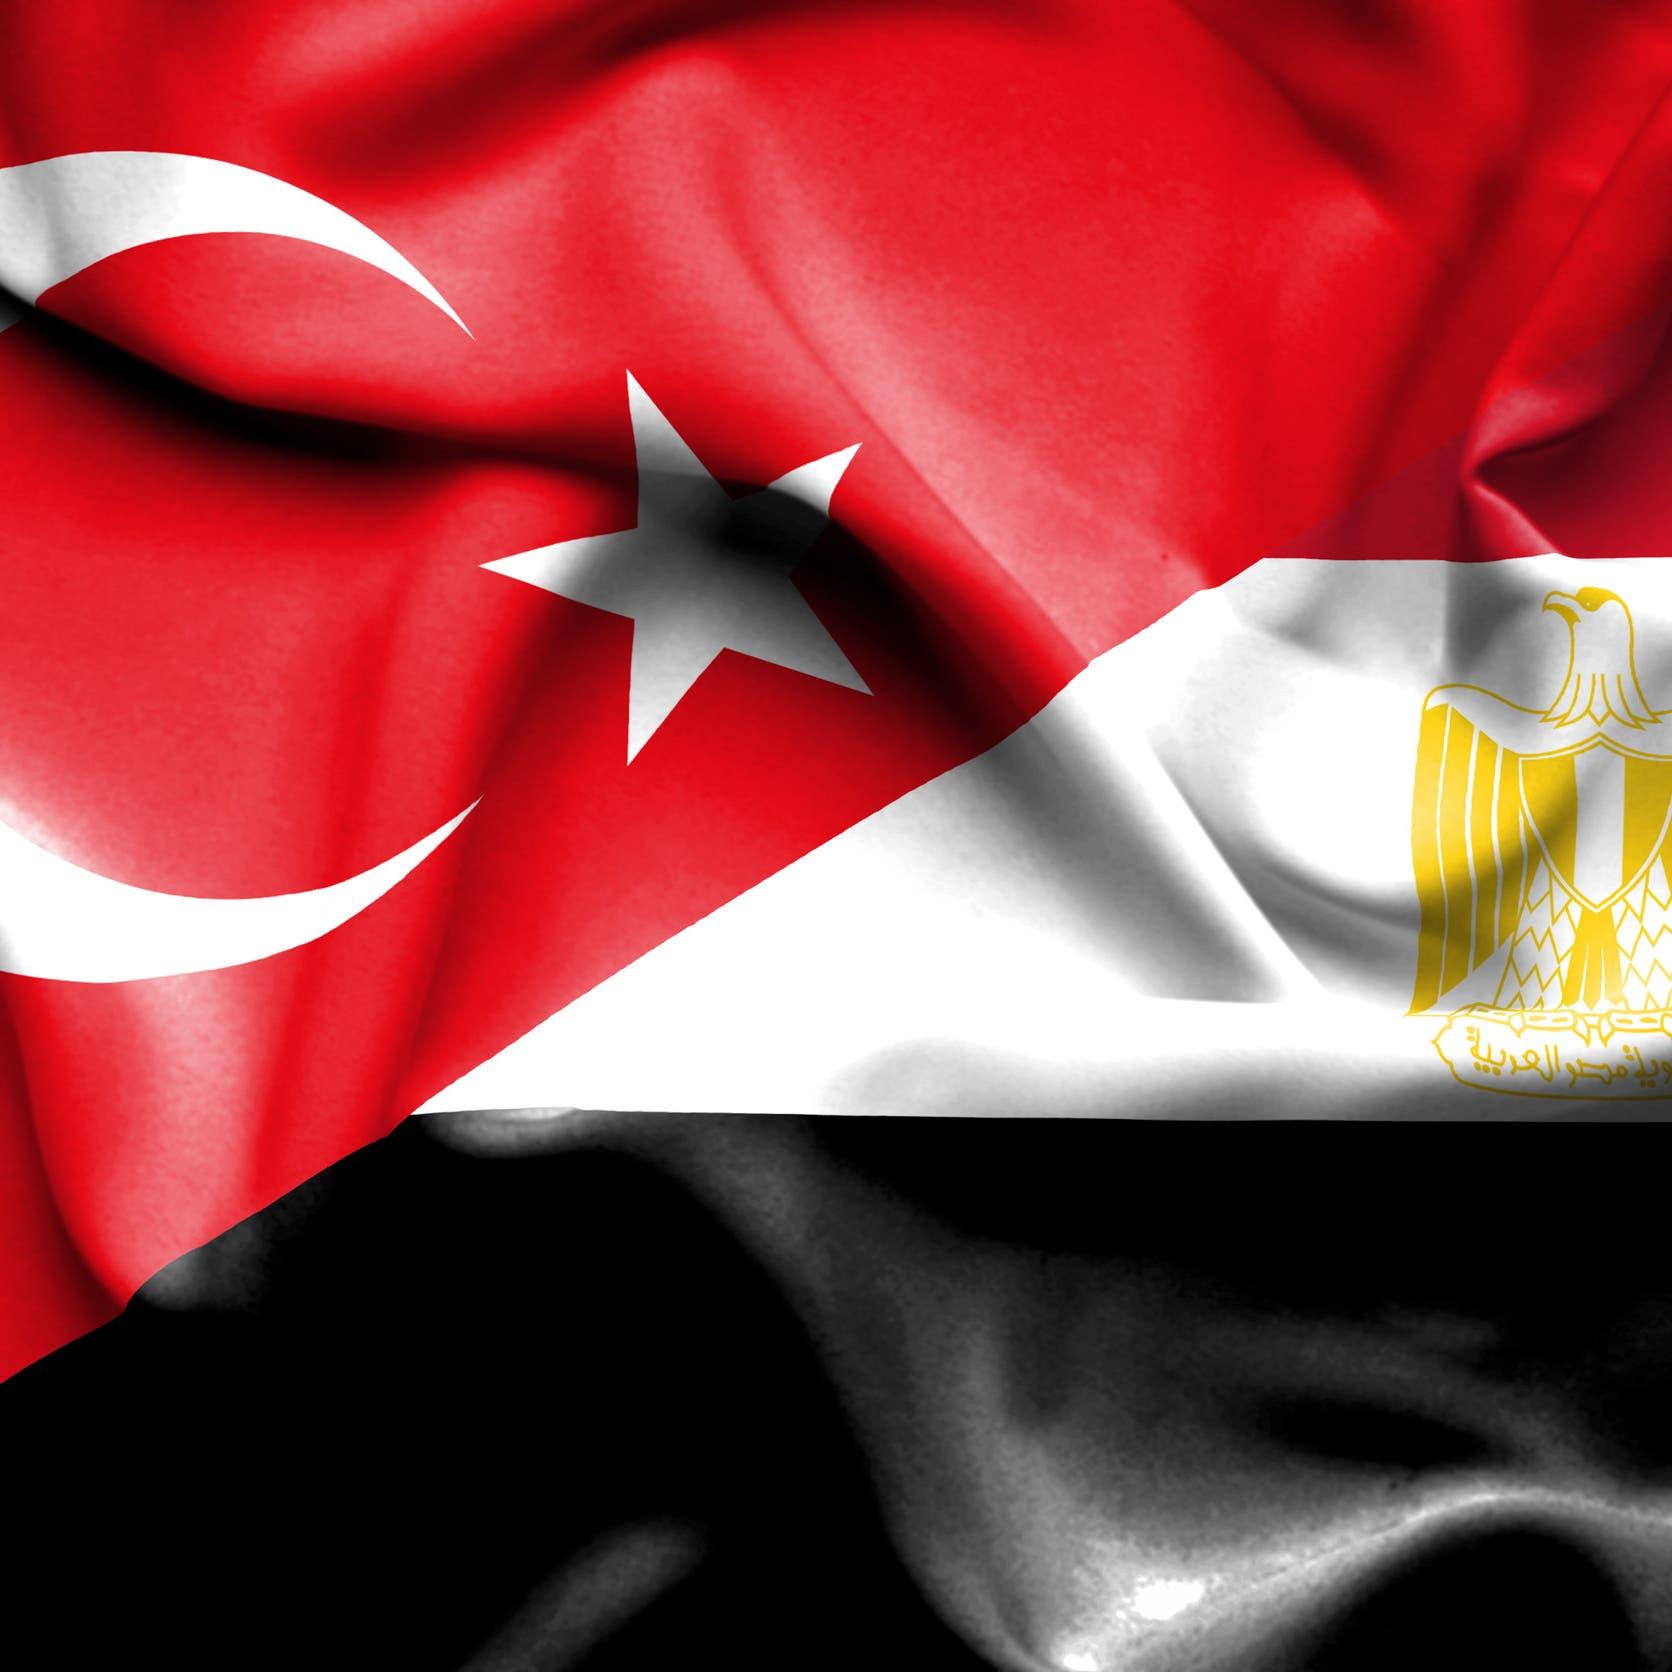 تحضيرات للقاء رئيسي استخبارات مصر وتركيا